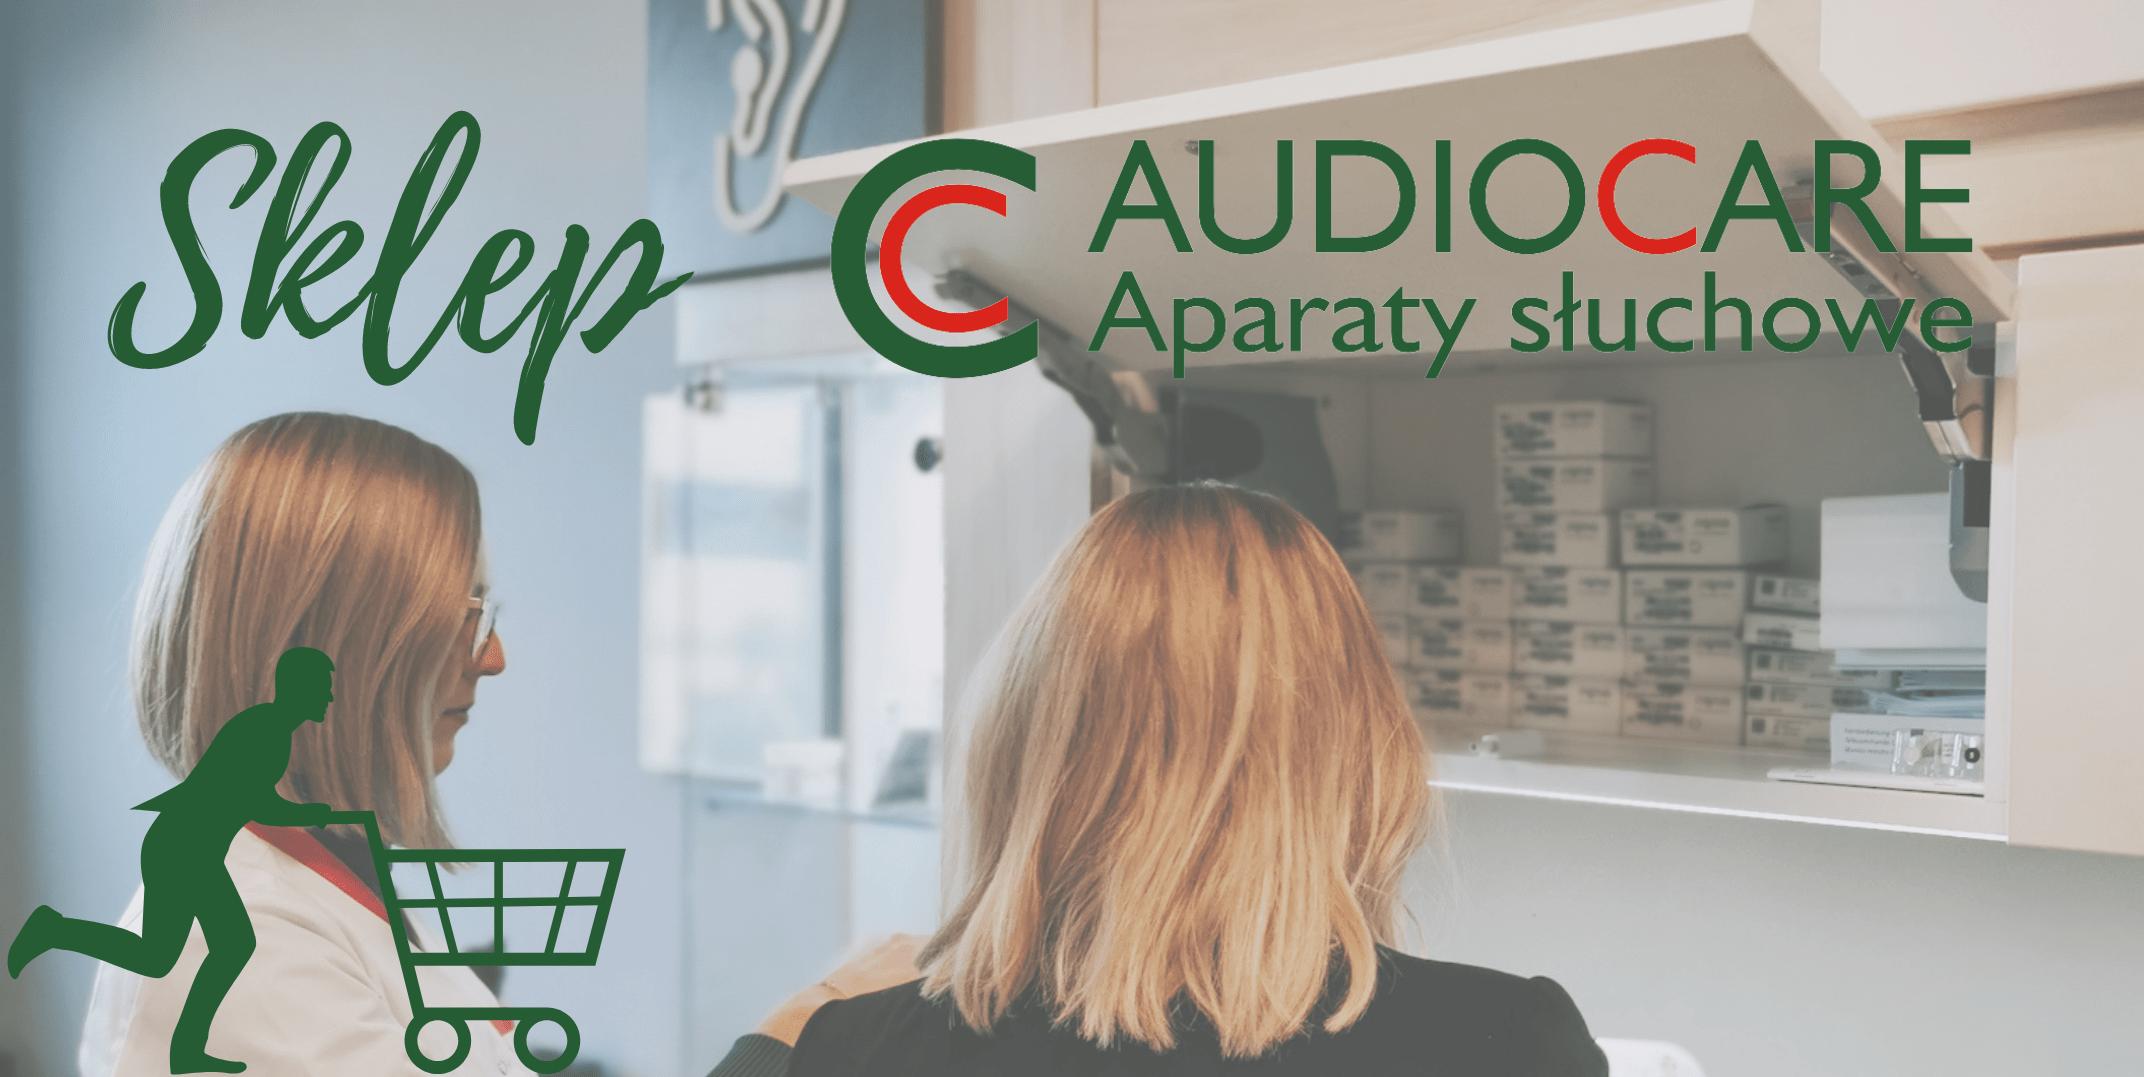 AUDIOCARE Aparaty Słuchowe | Twój słuch, nasza sprawa | Instagram